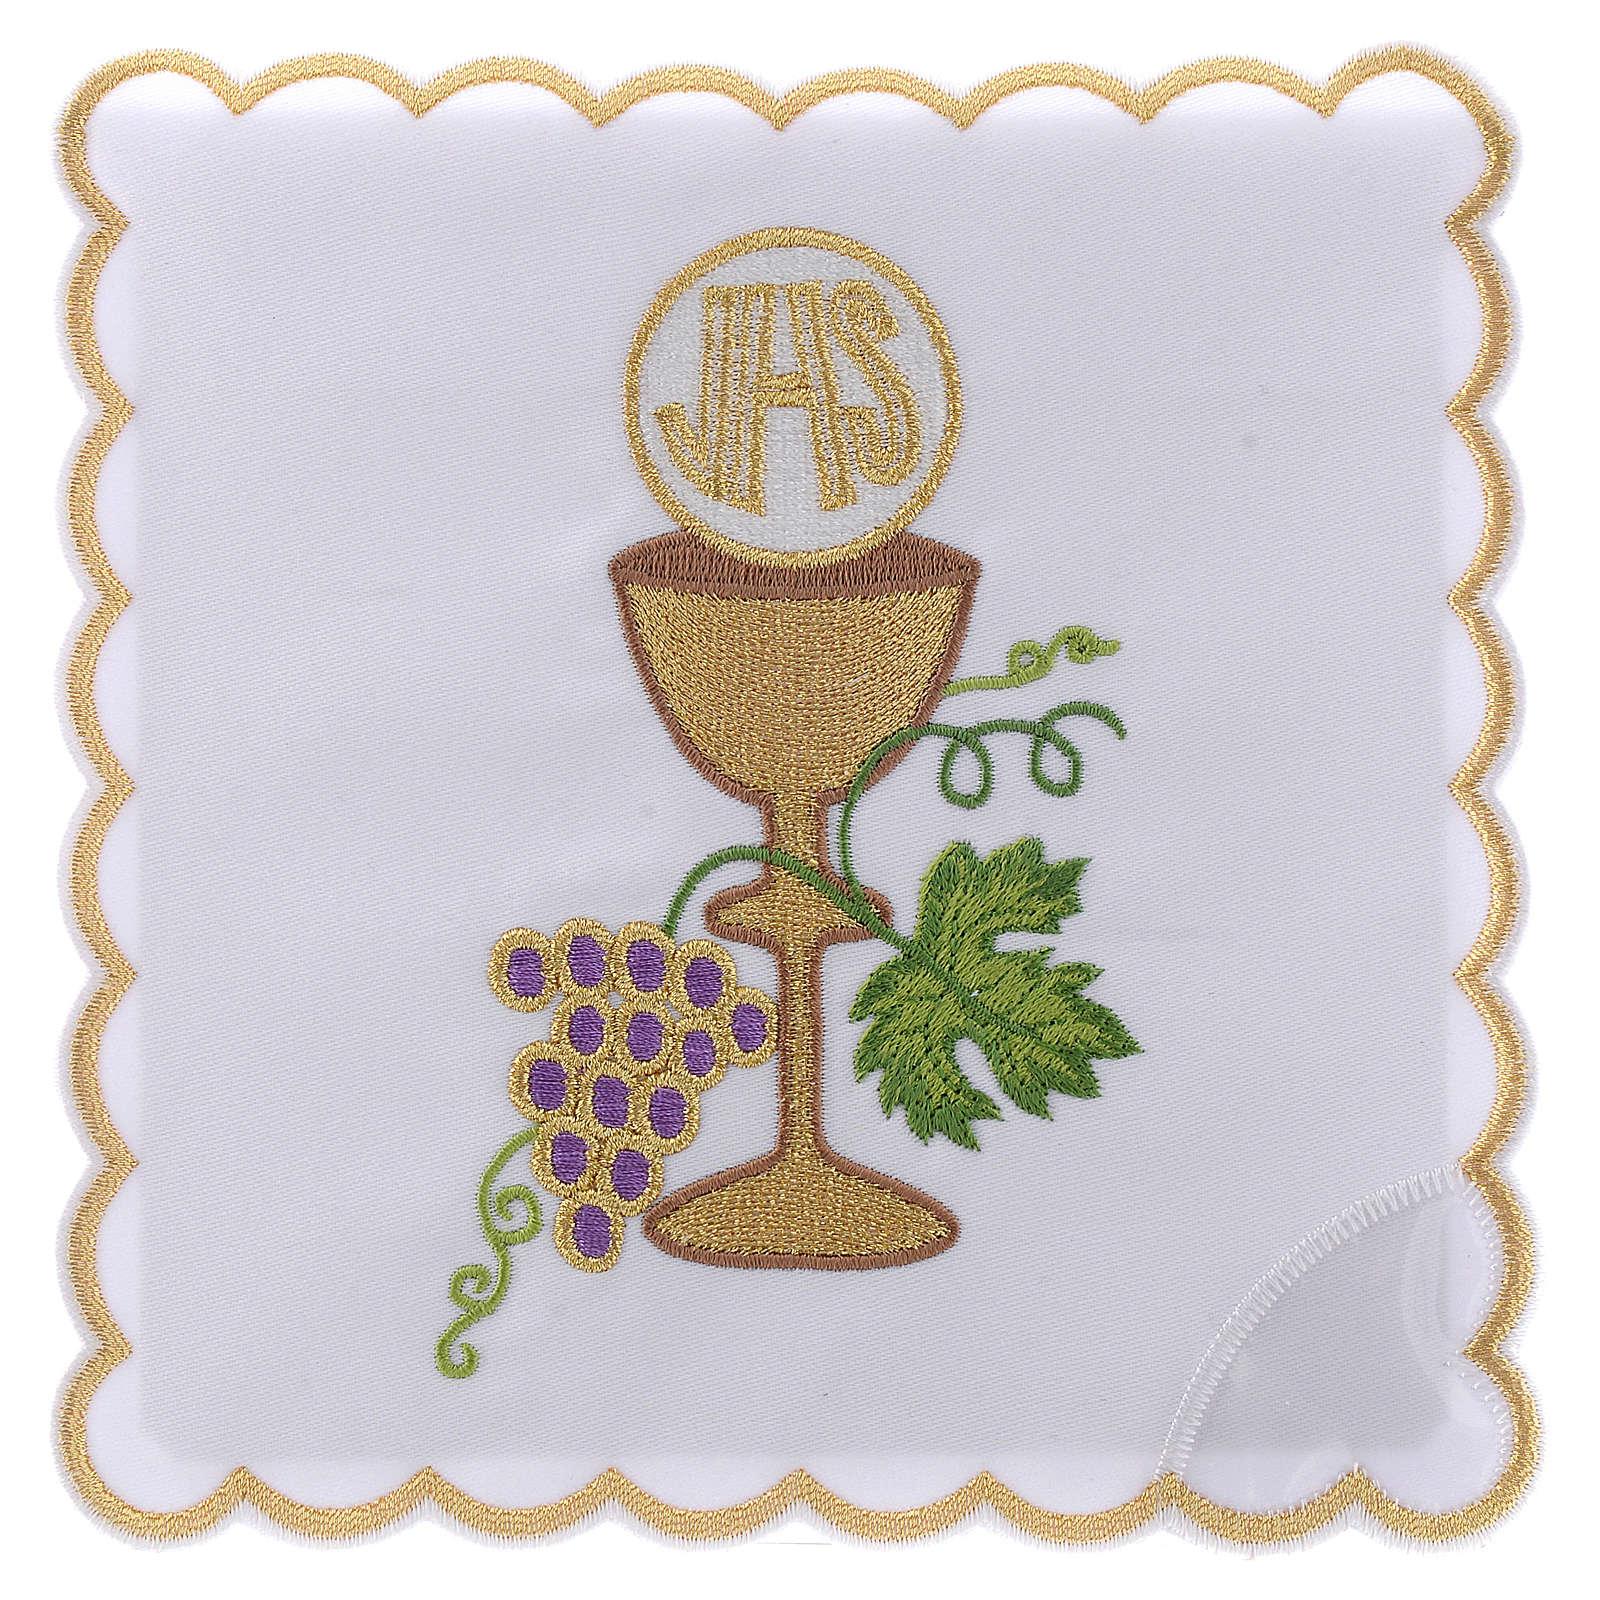 Servizio da altare cotone uva contorni dorati calice ostia JHS 4